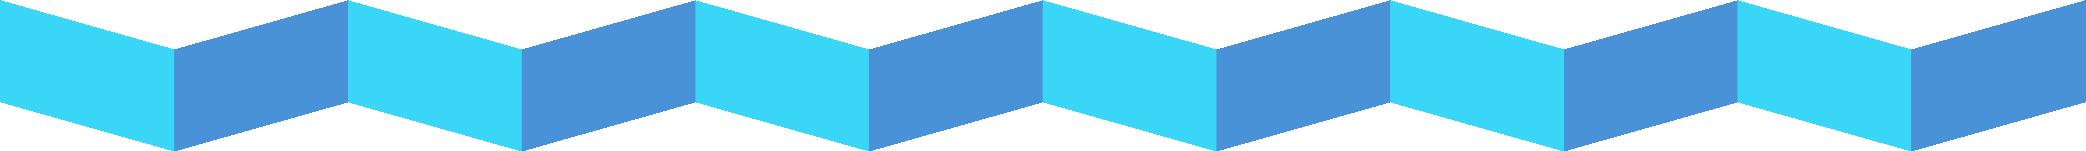 WebDivider-Blue.png